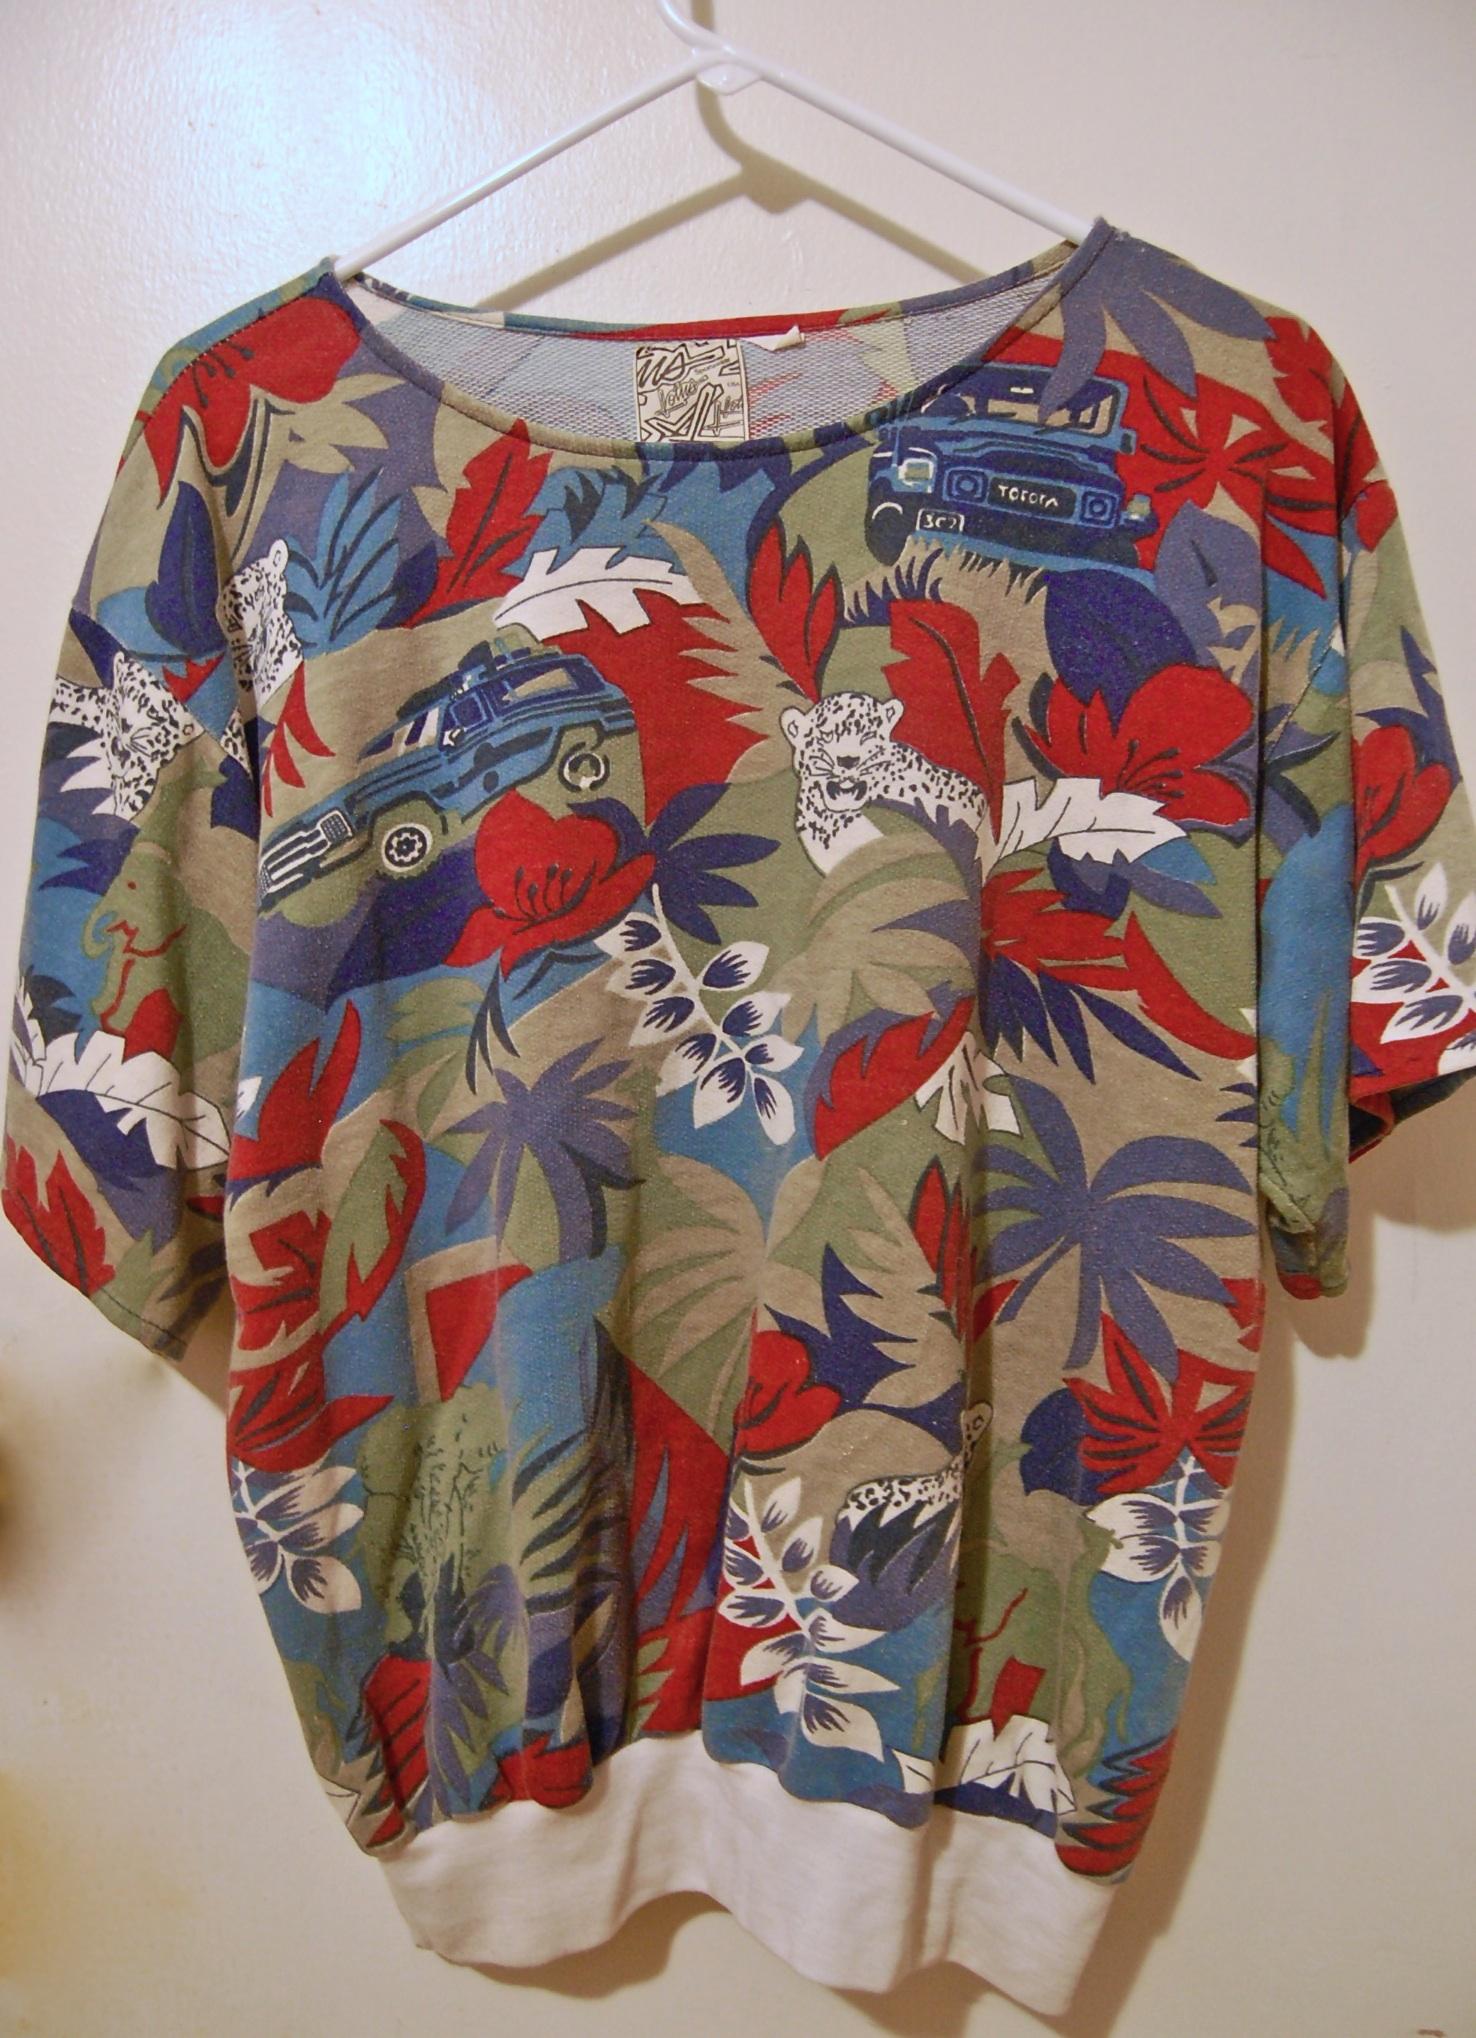 katie-notopoulos_shirt